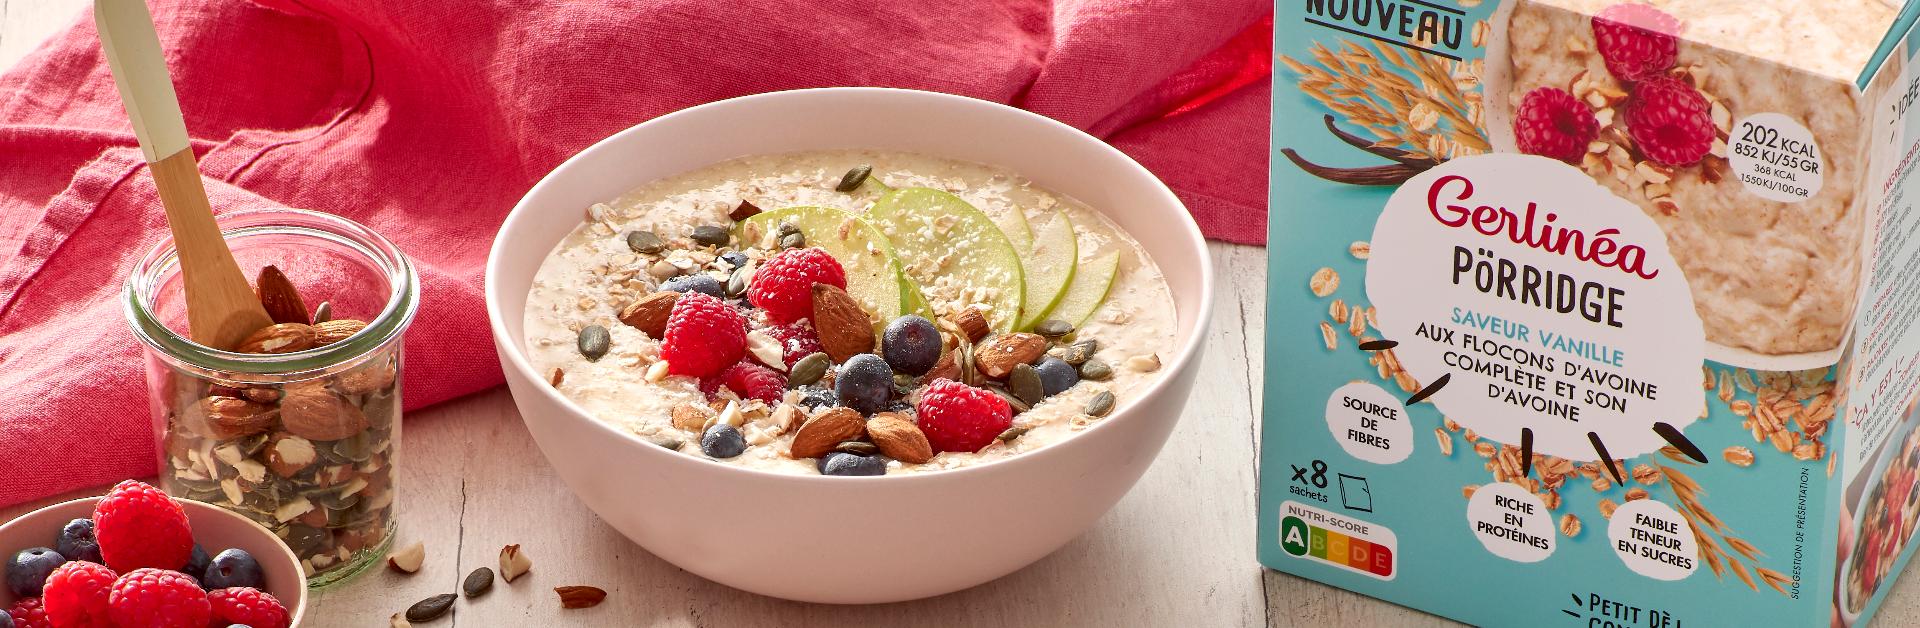 Porridge aux petits fruits rouges